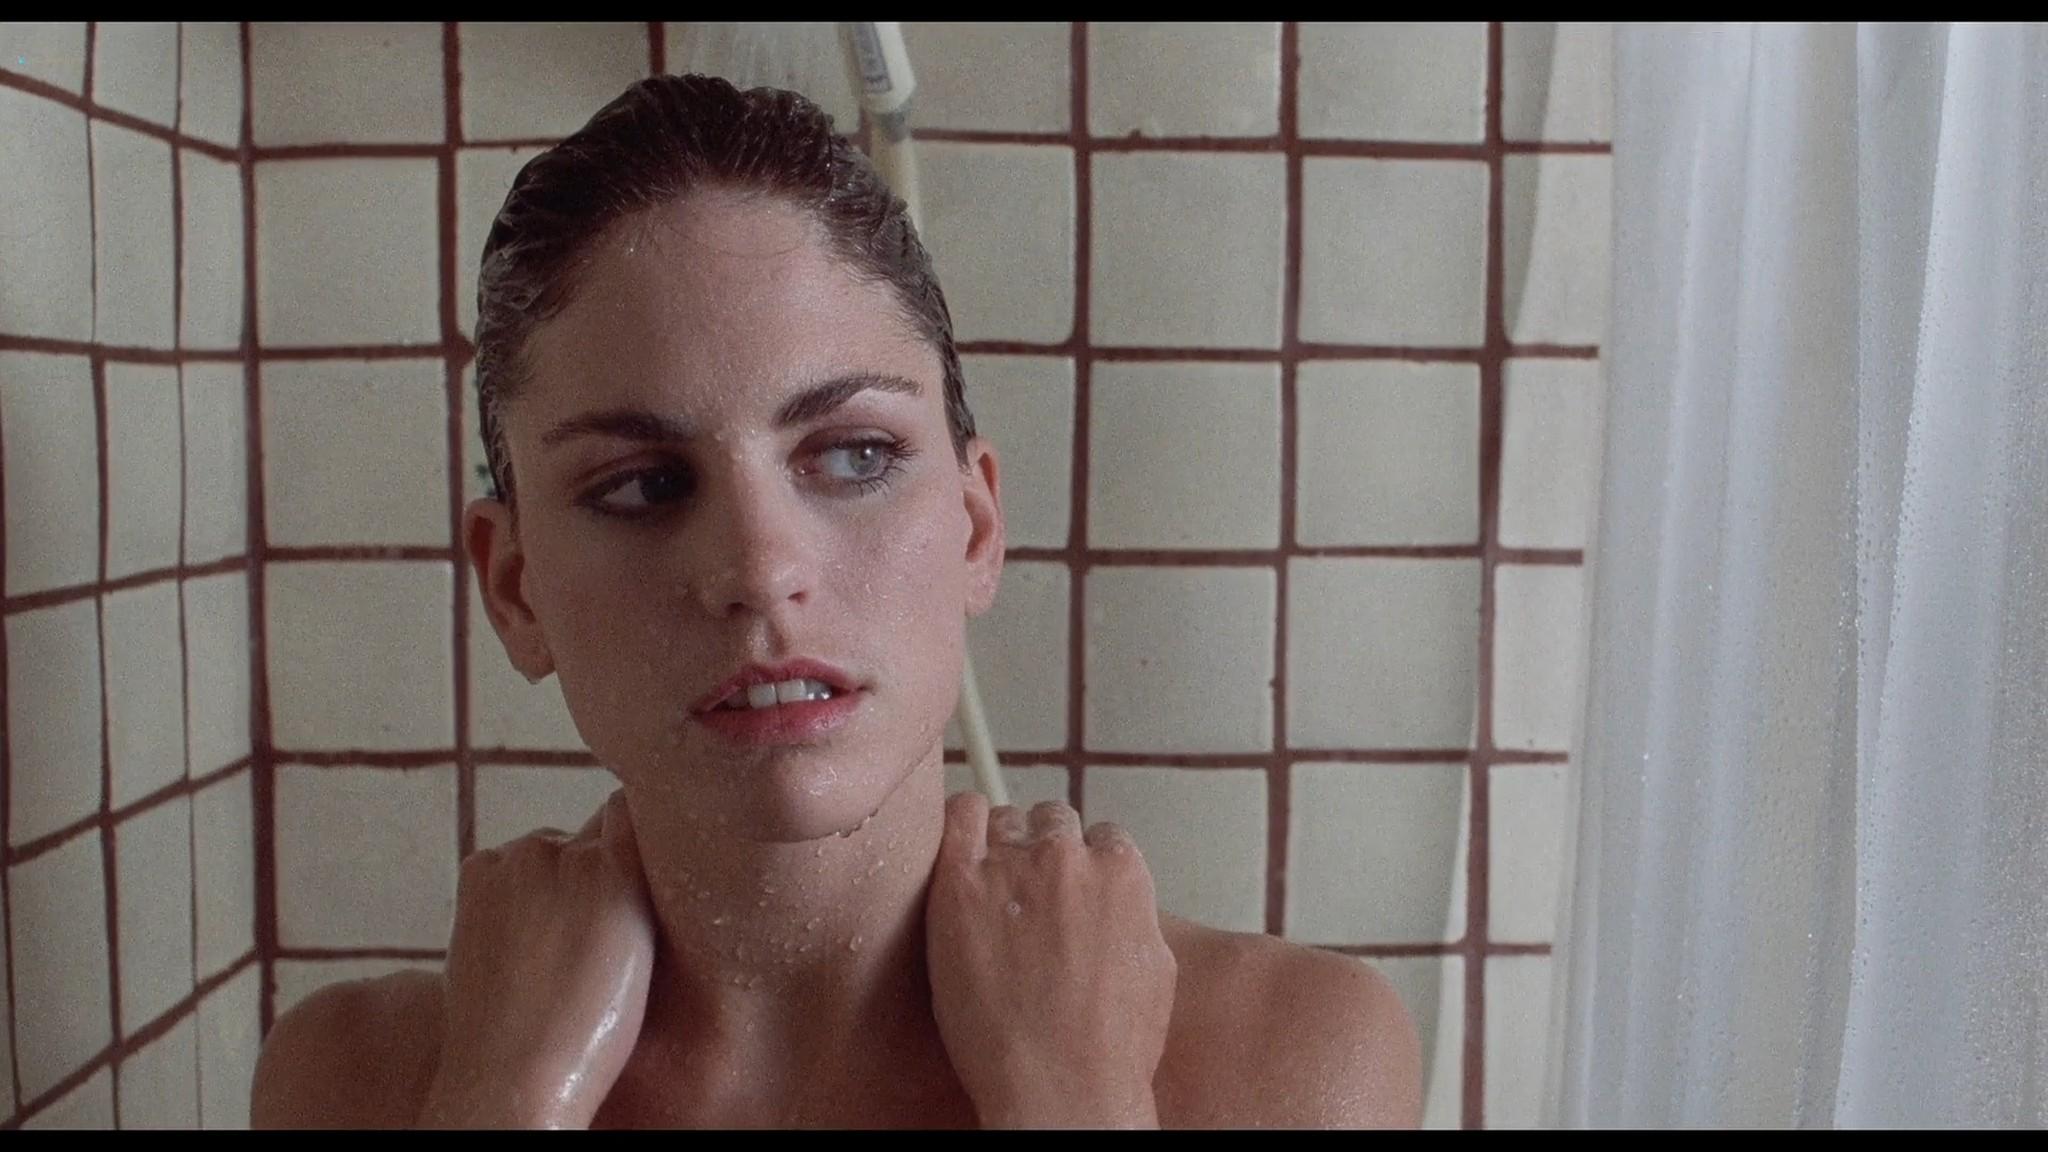 Jill Pierce nude in the shower and bound Darkroom 1988 1080p BluRay 6